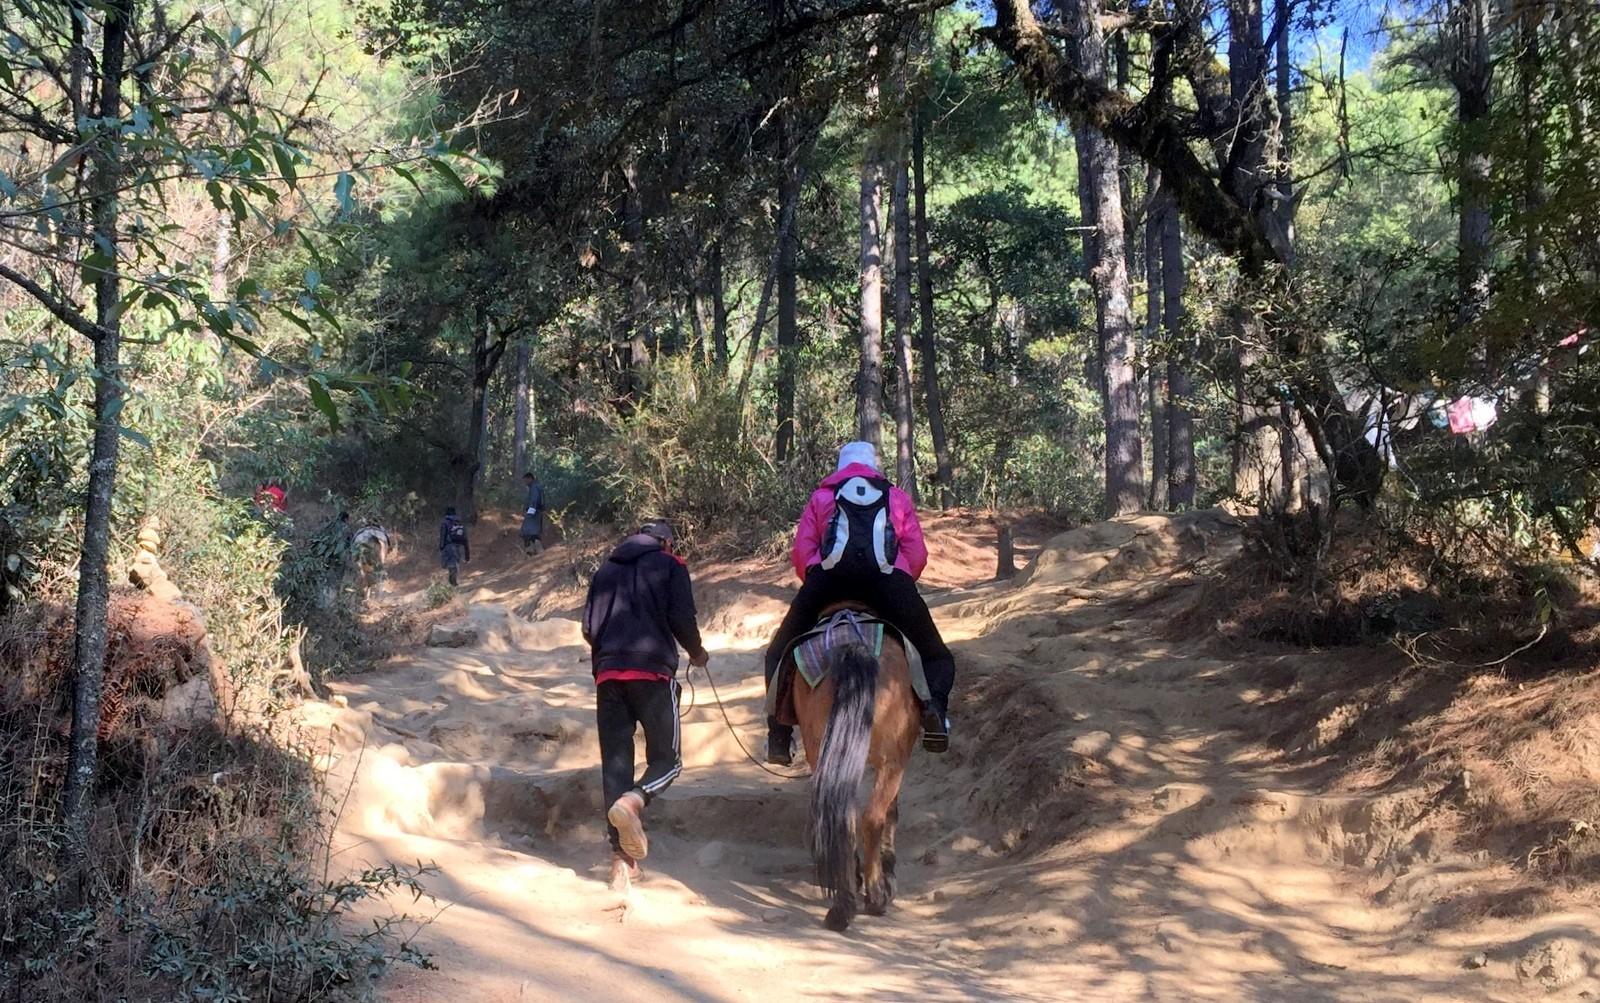 Tiikerinpesä Tiger's Nest horseback